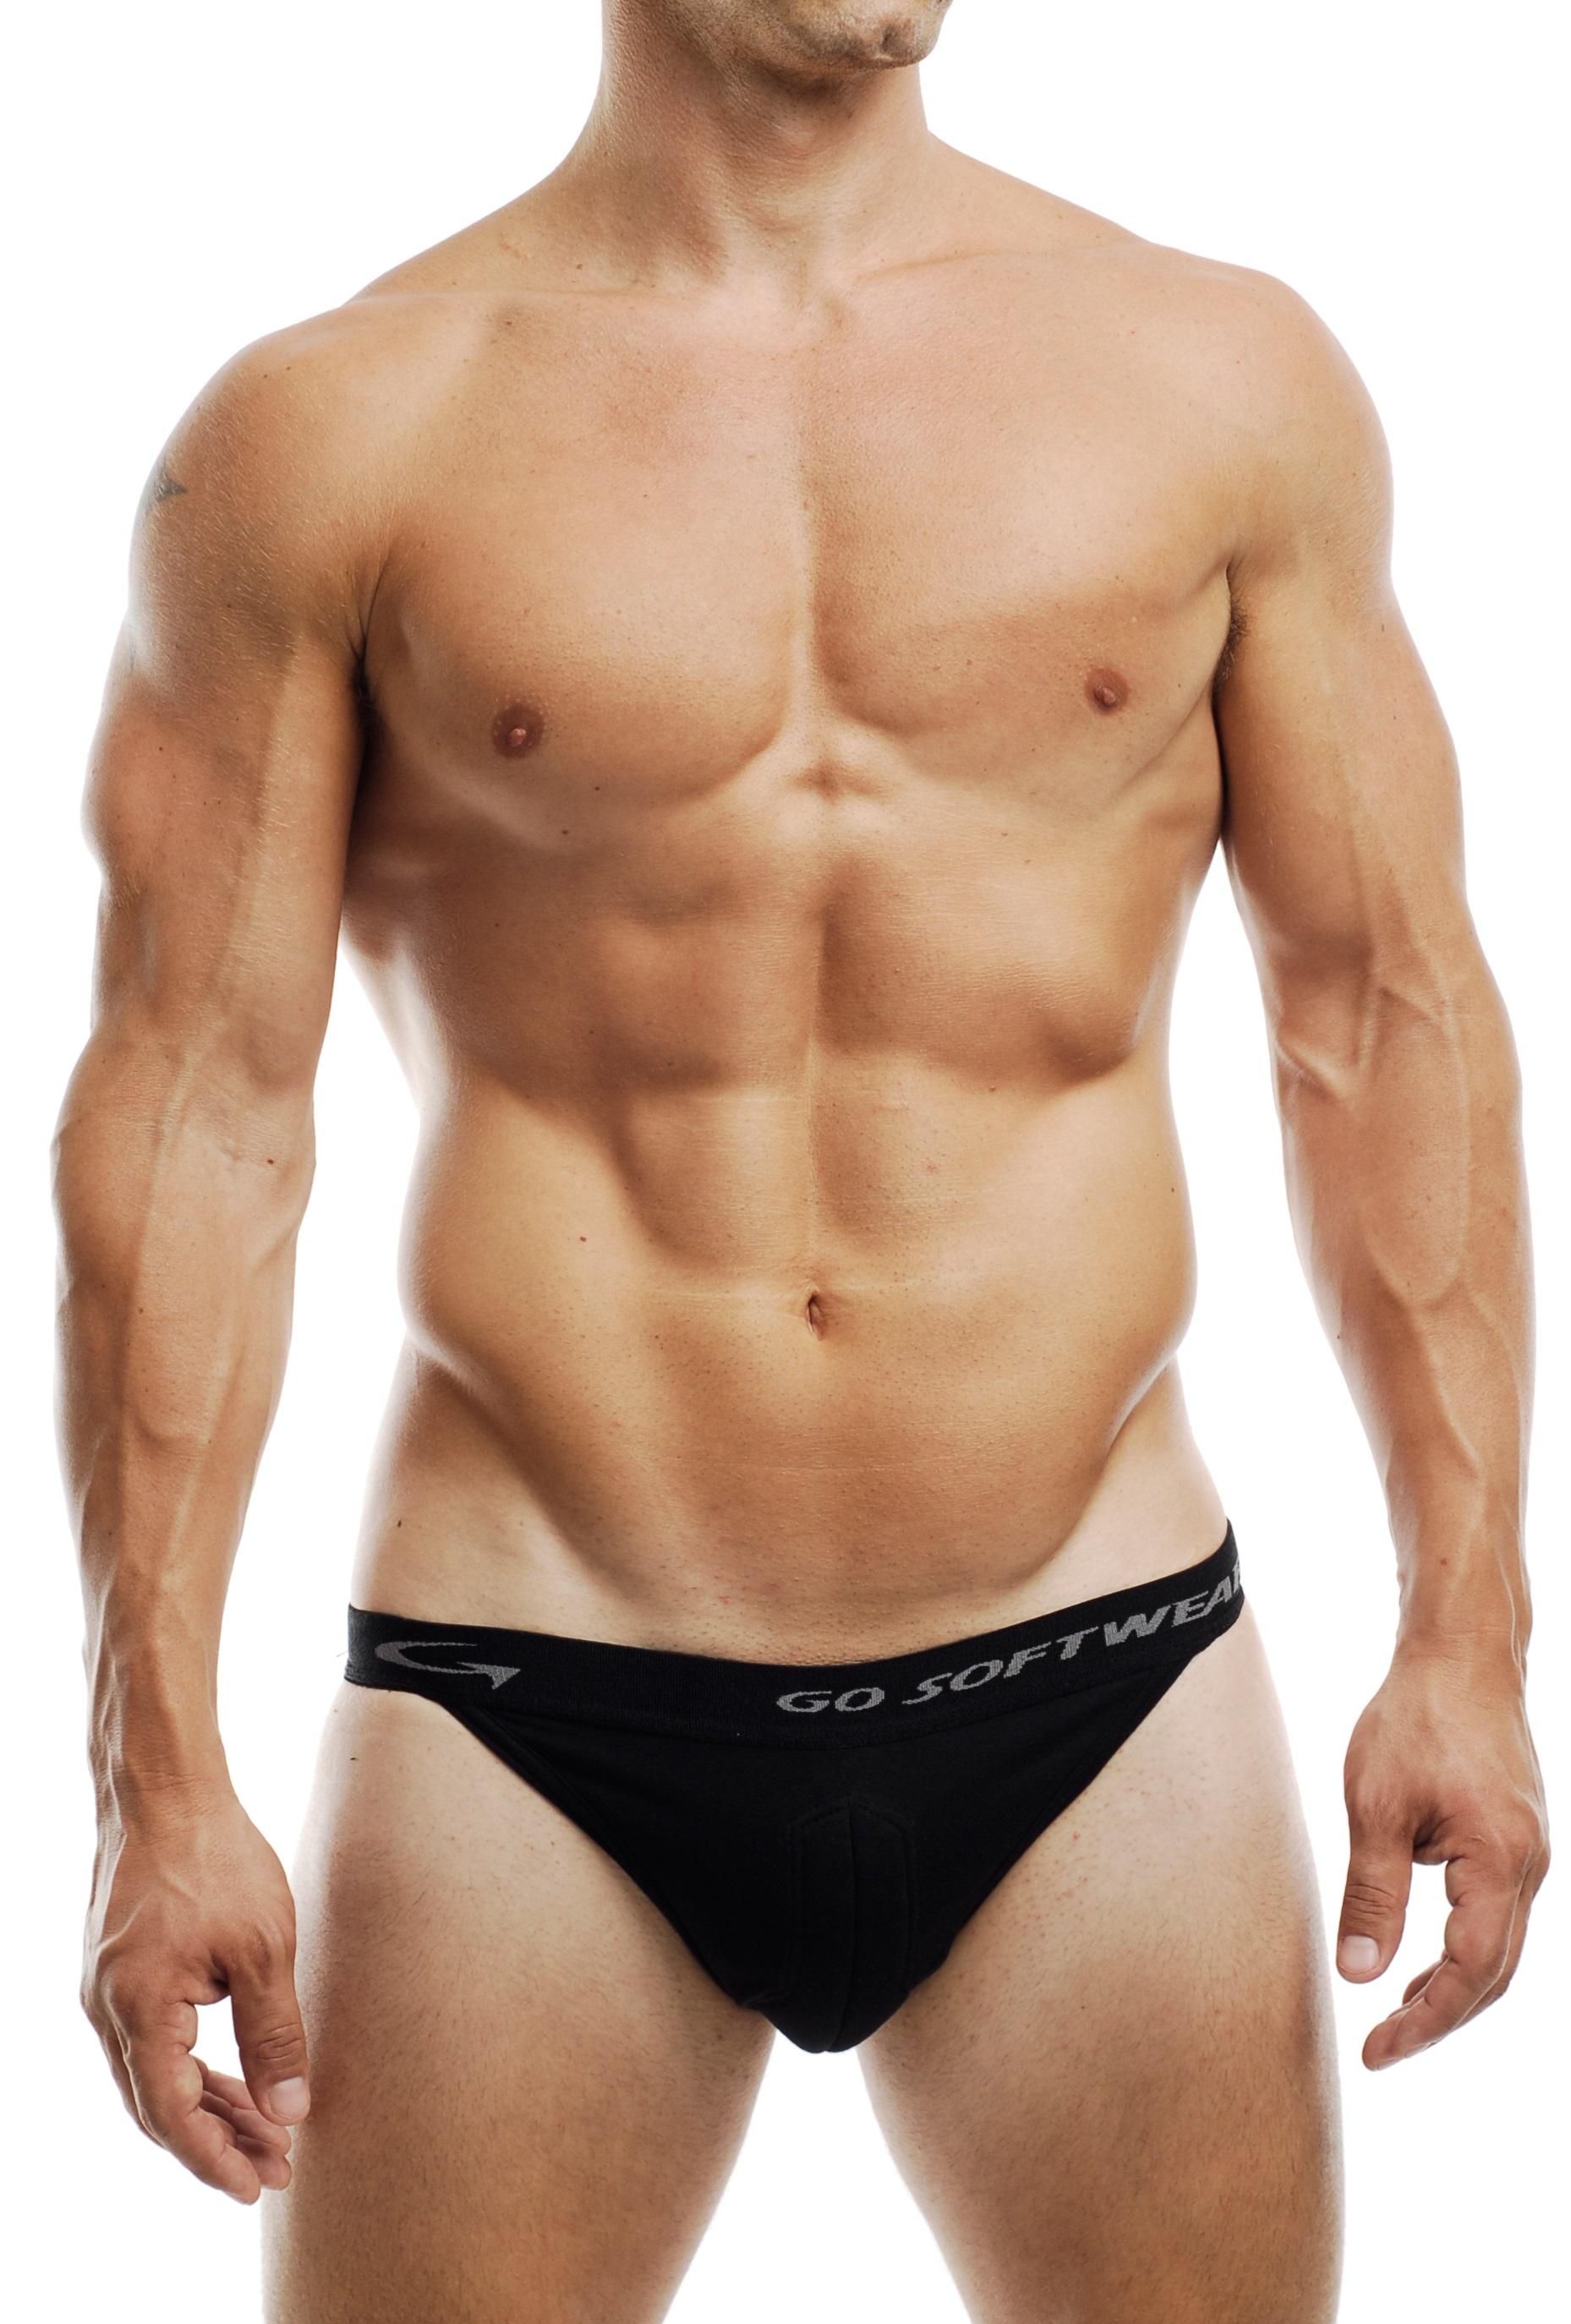 Go Softwear Male Body Shape Wear Collection